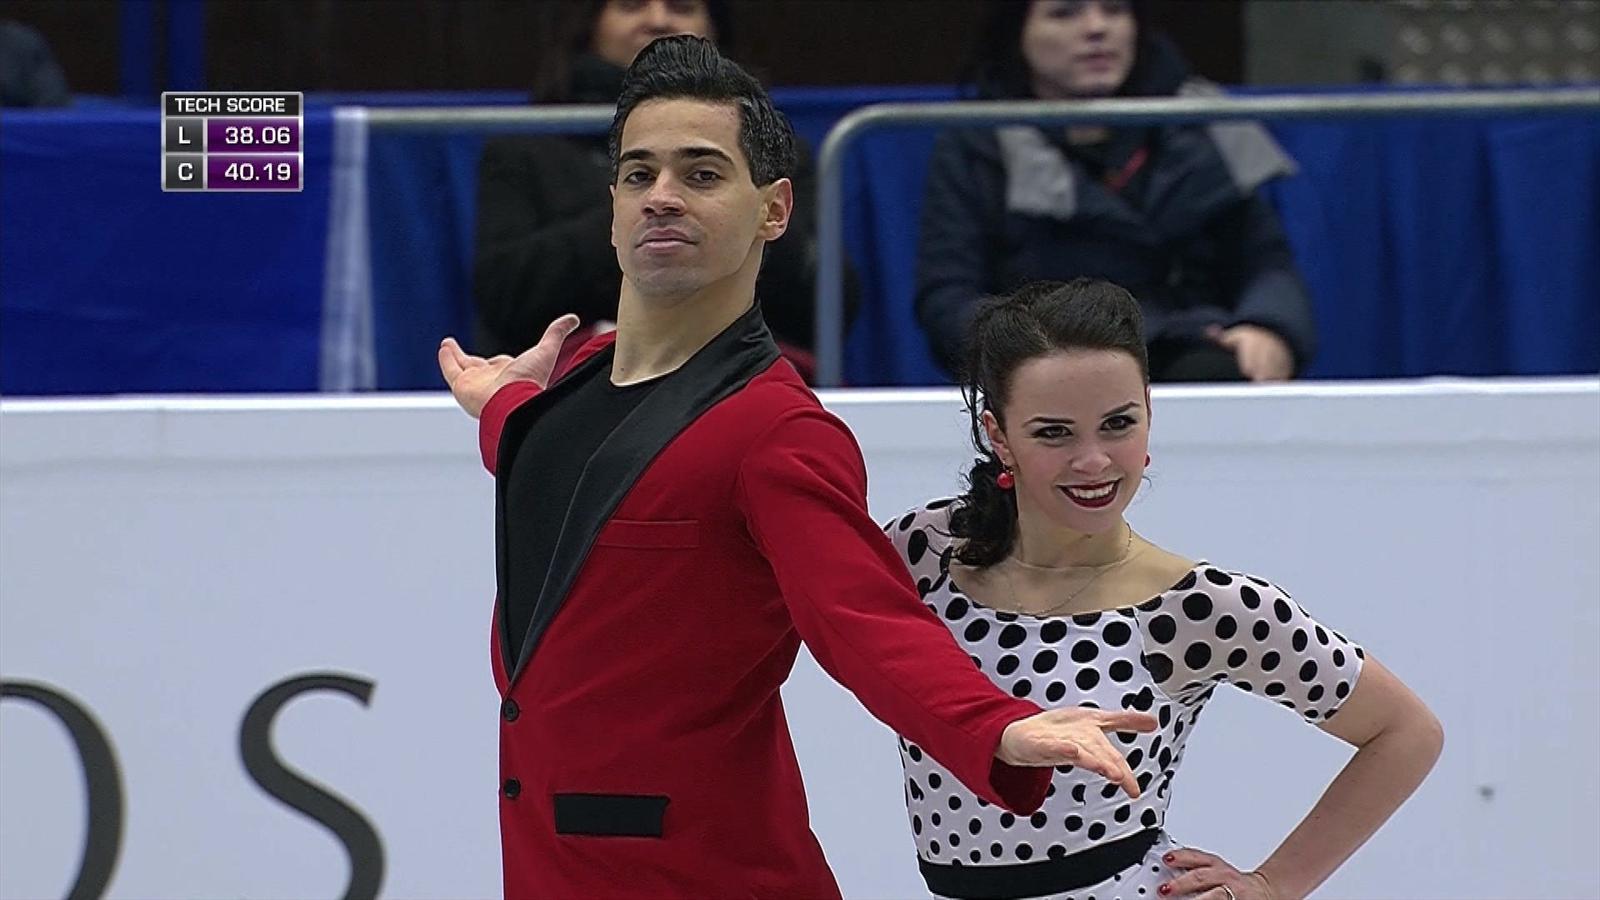 eccezionale gamma di stili e colori seleziona per il meglio davvero comodo Cappellini and Lanotte win Ice Dance